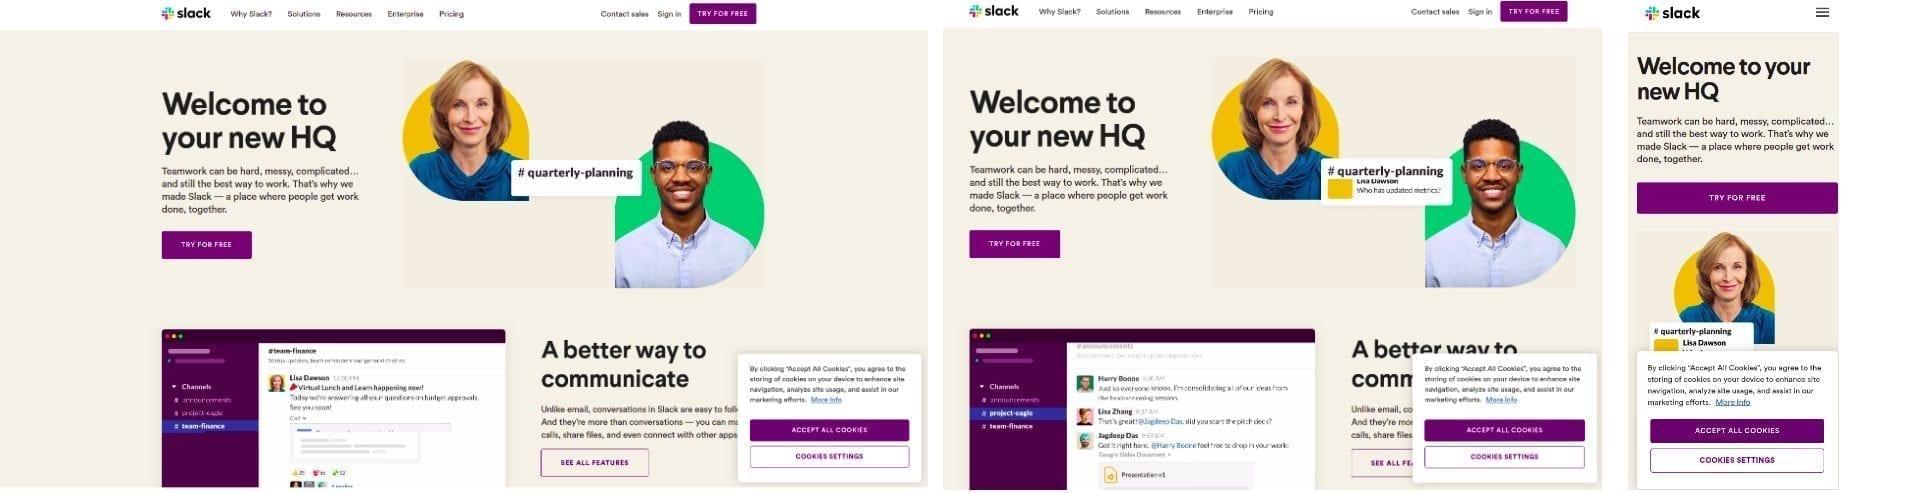 Responsive web design voorbeeld slack